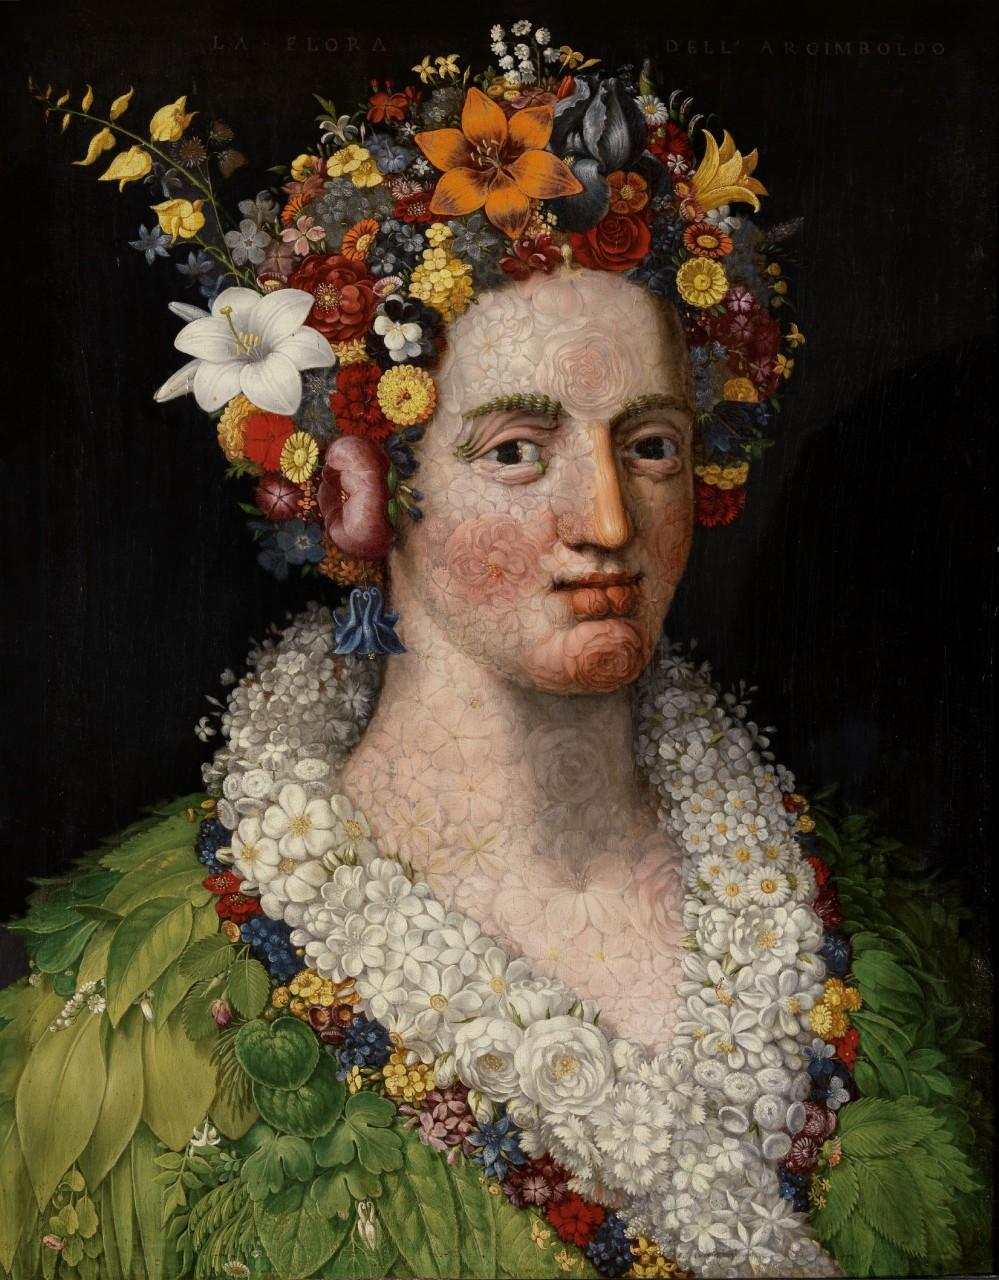 Seni Lukisan Potret Aneh & Kreatif Dengan Menggunakan ...